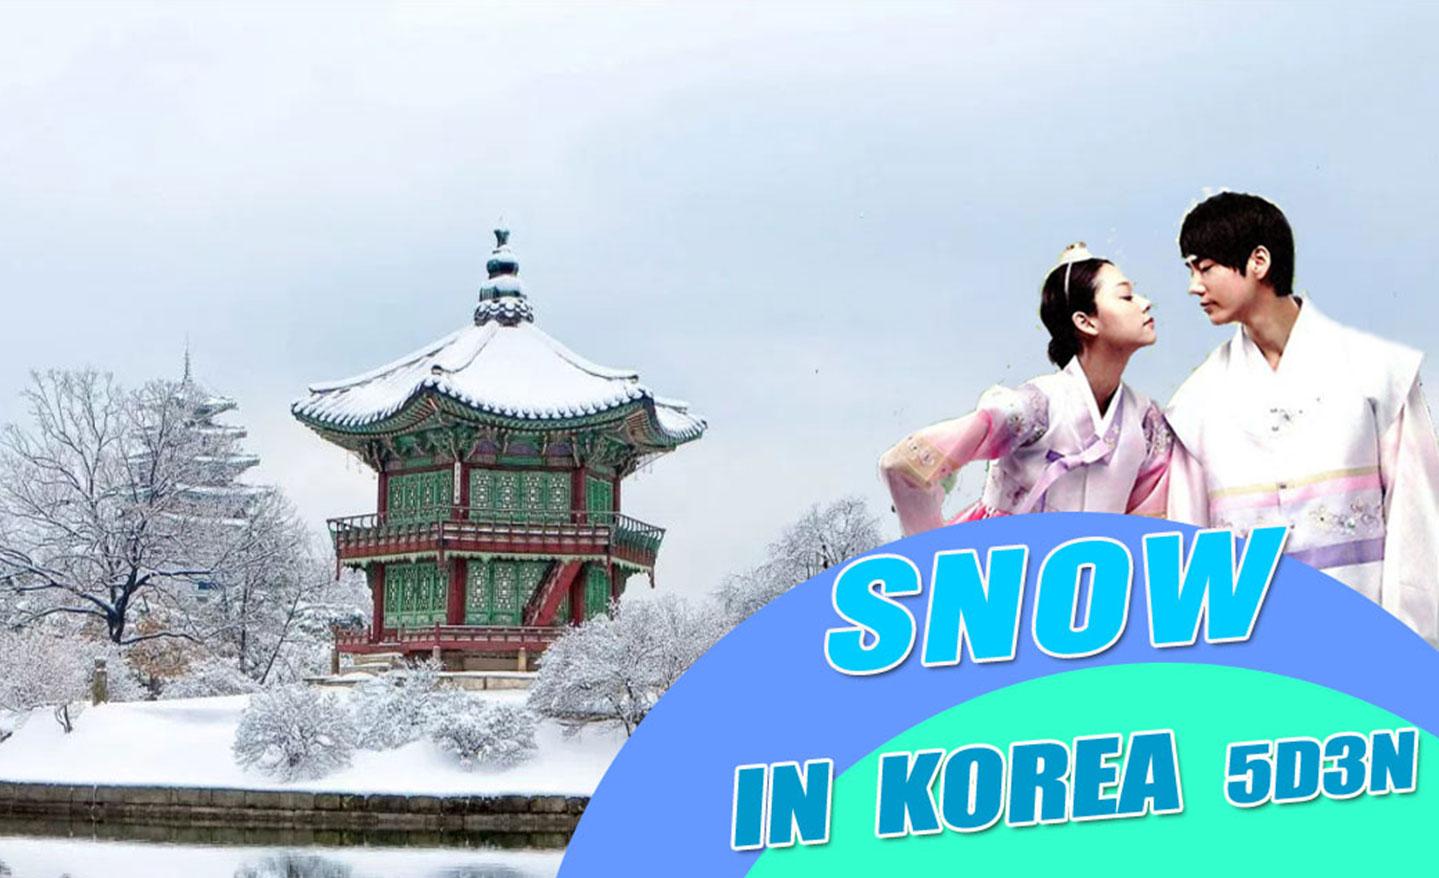 ทัวร์เกาหลี Snow in Korea FEB (ก.พ.62)